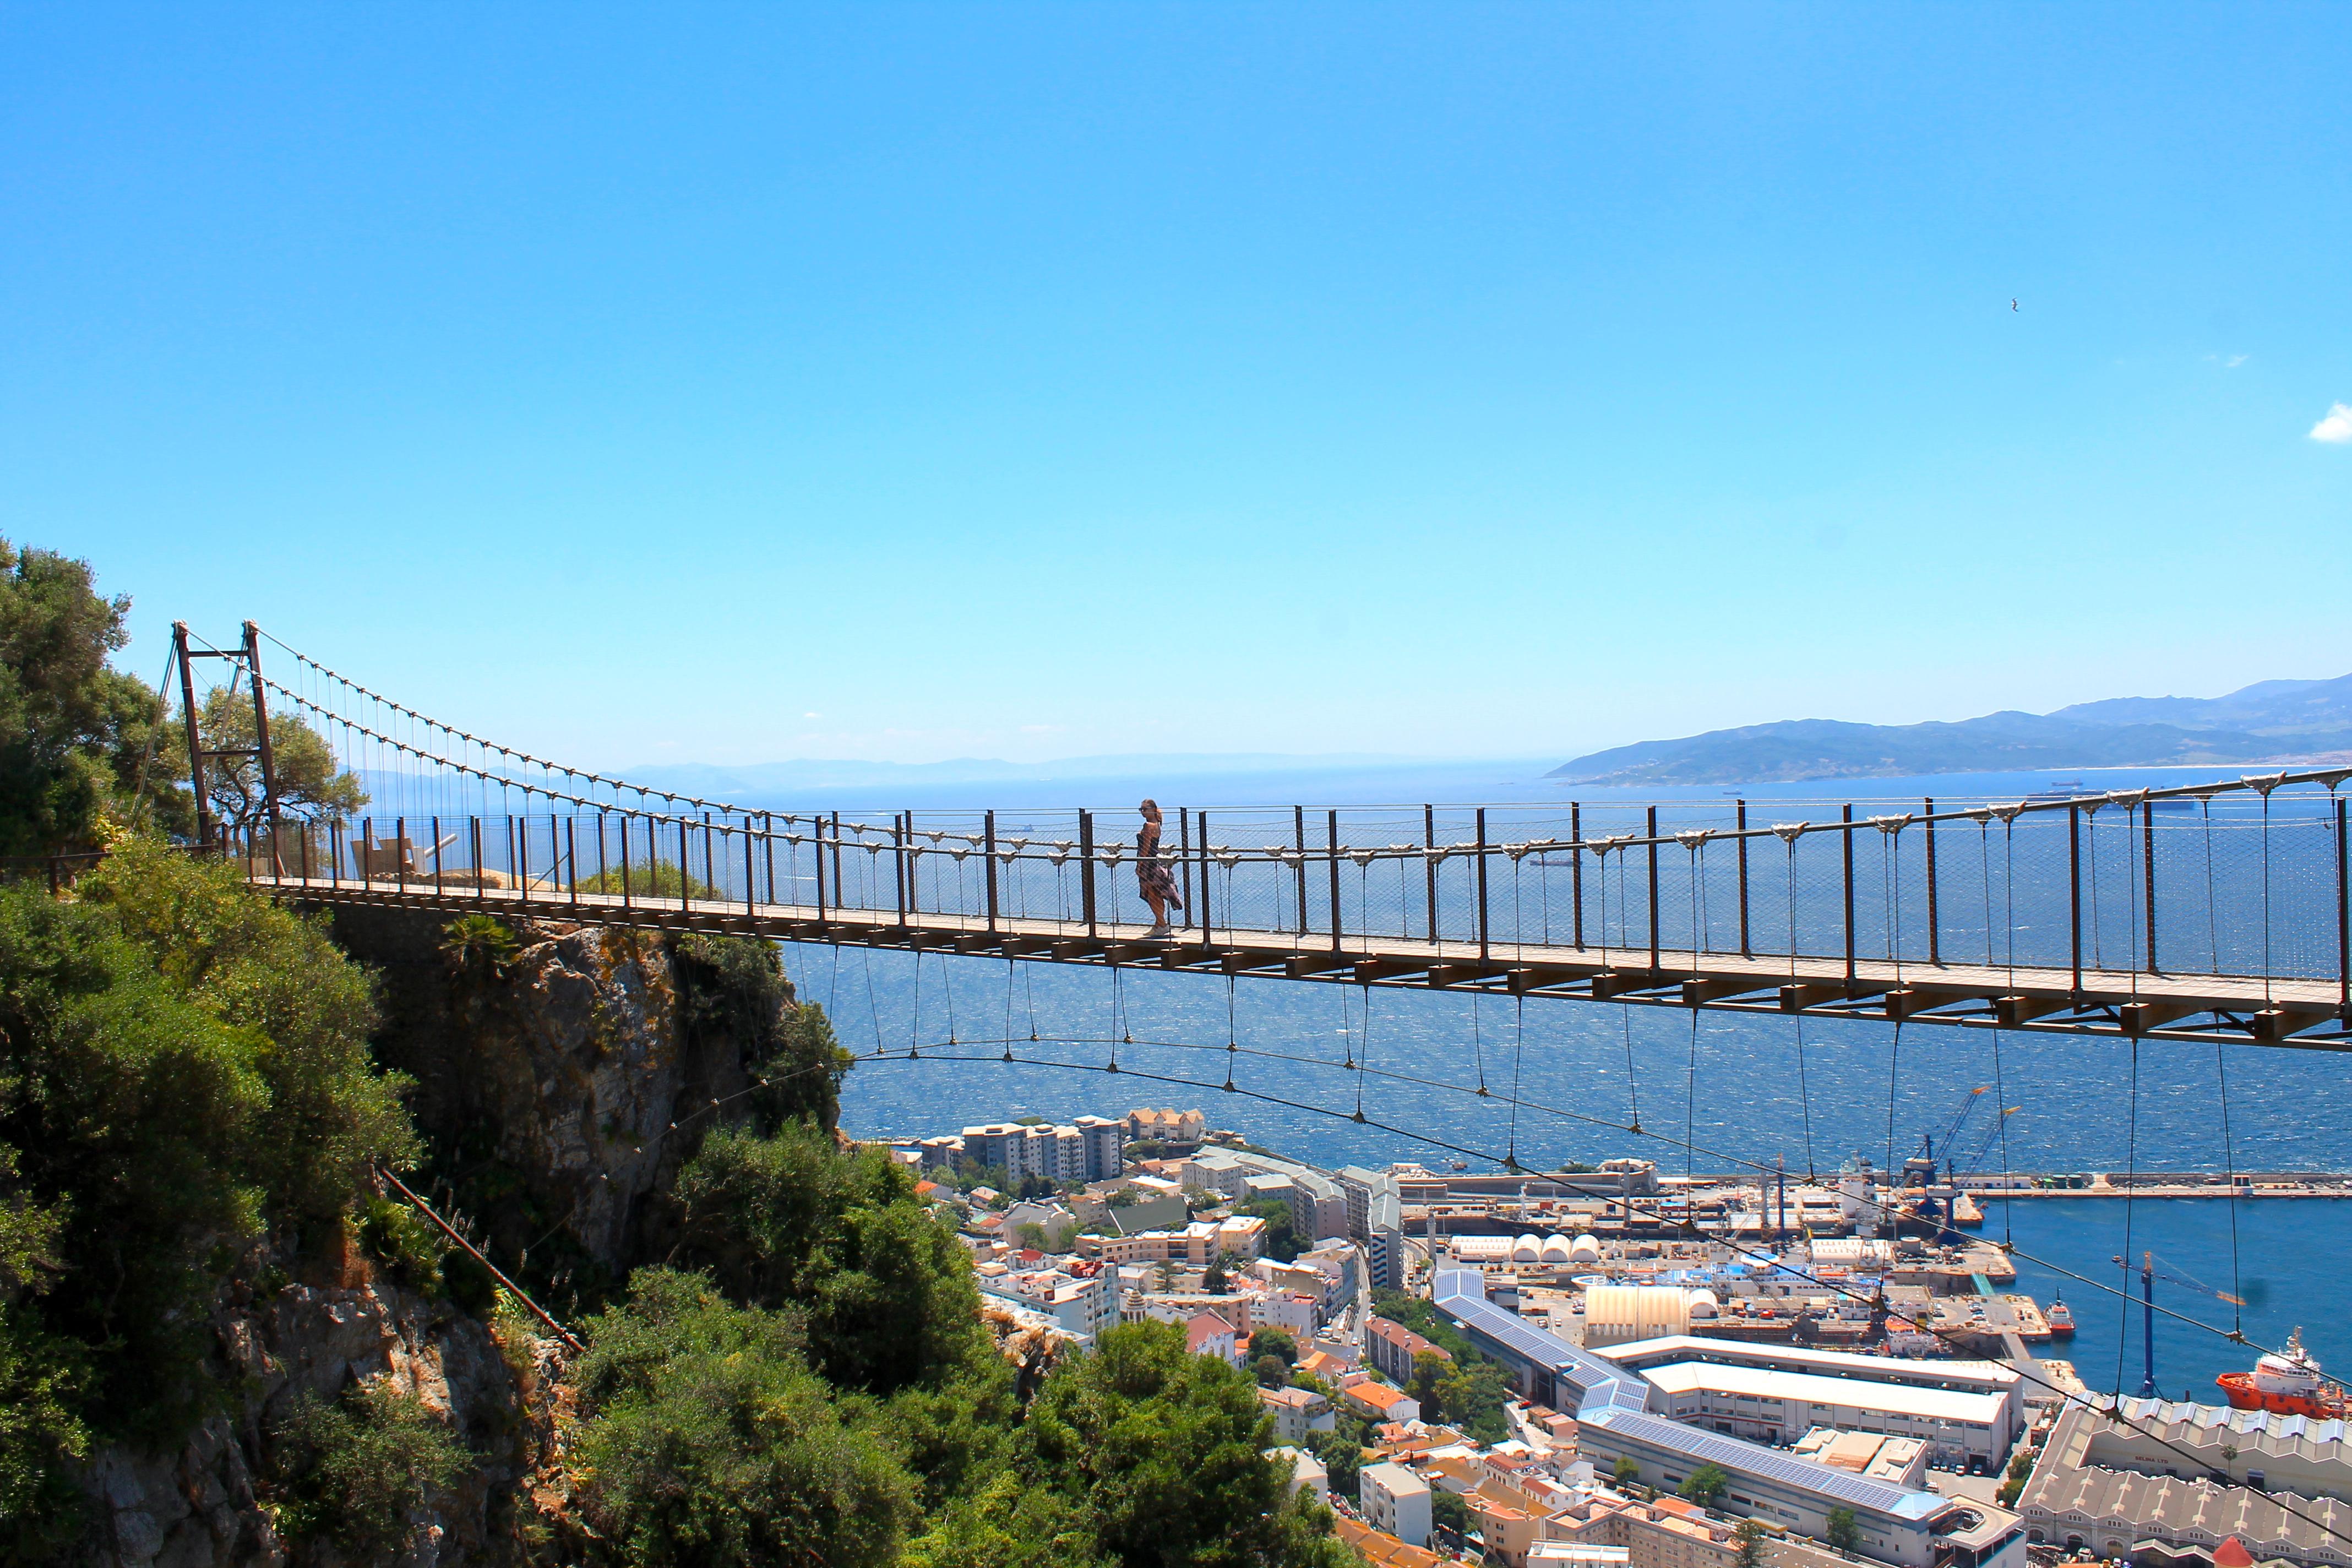 windsor-suspension-bridge-gibraltar-lustforthesublime